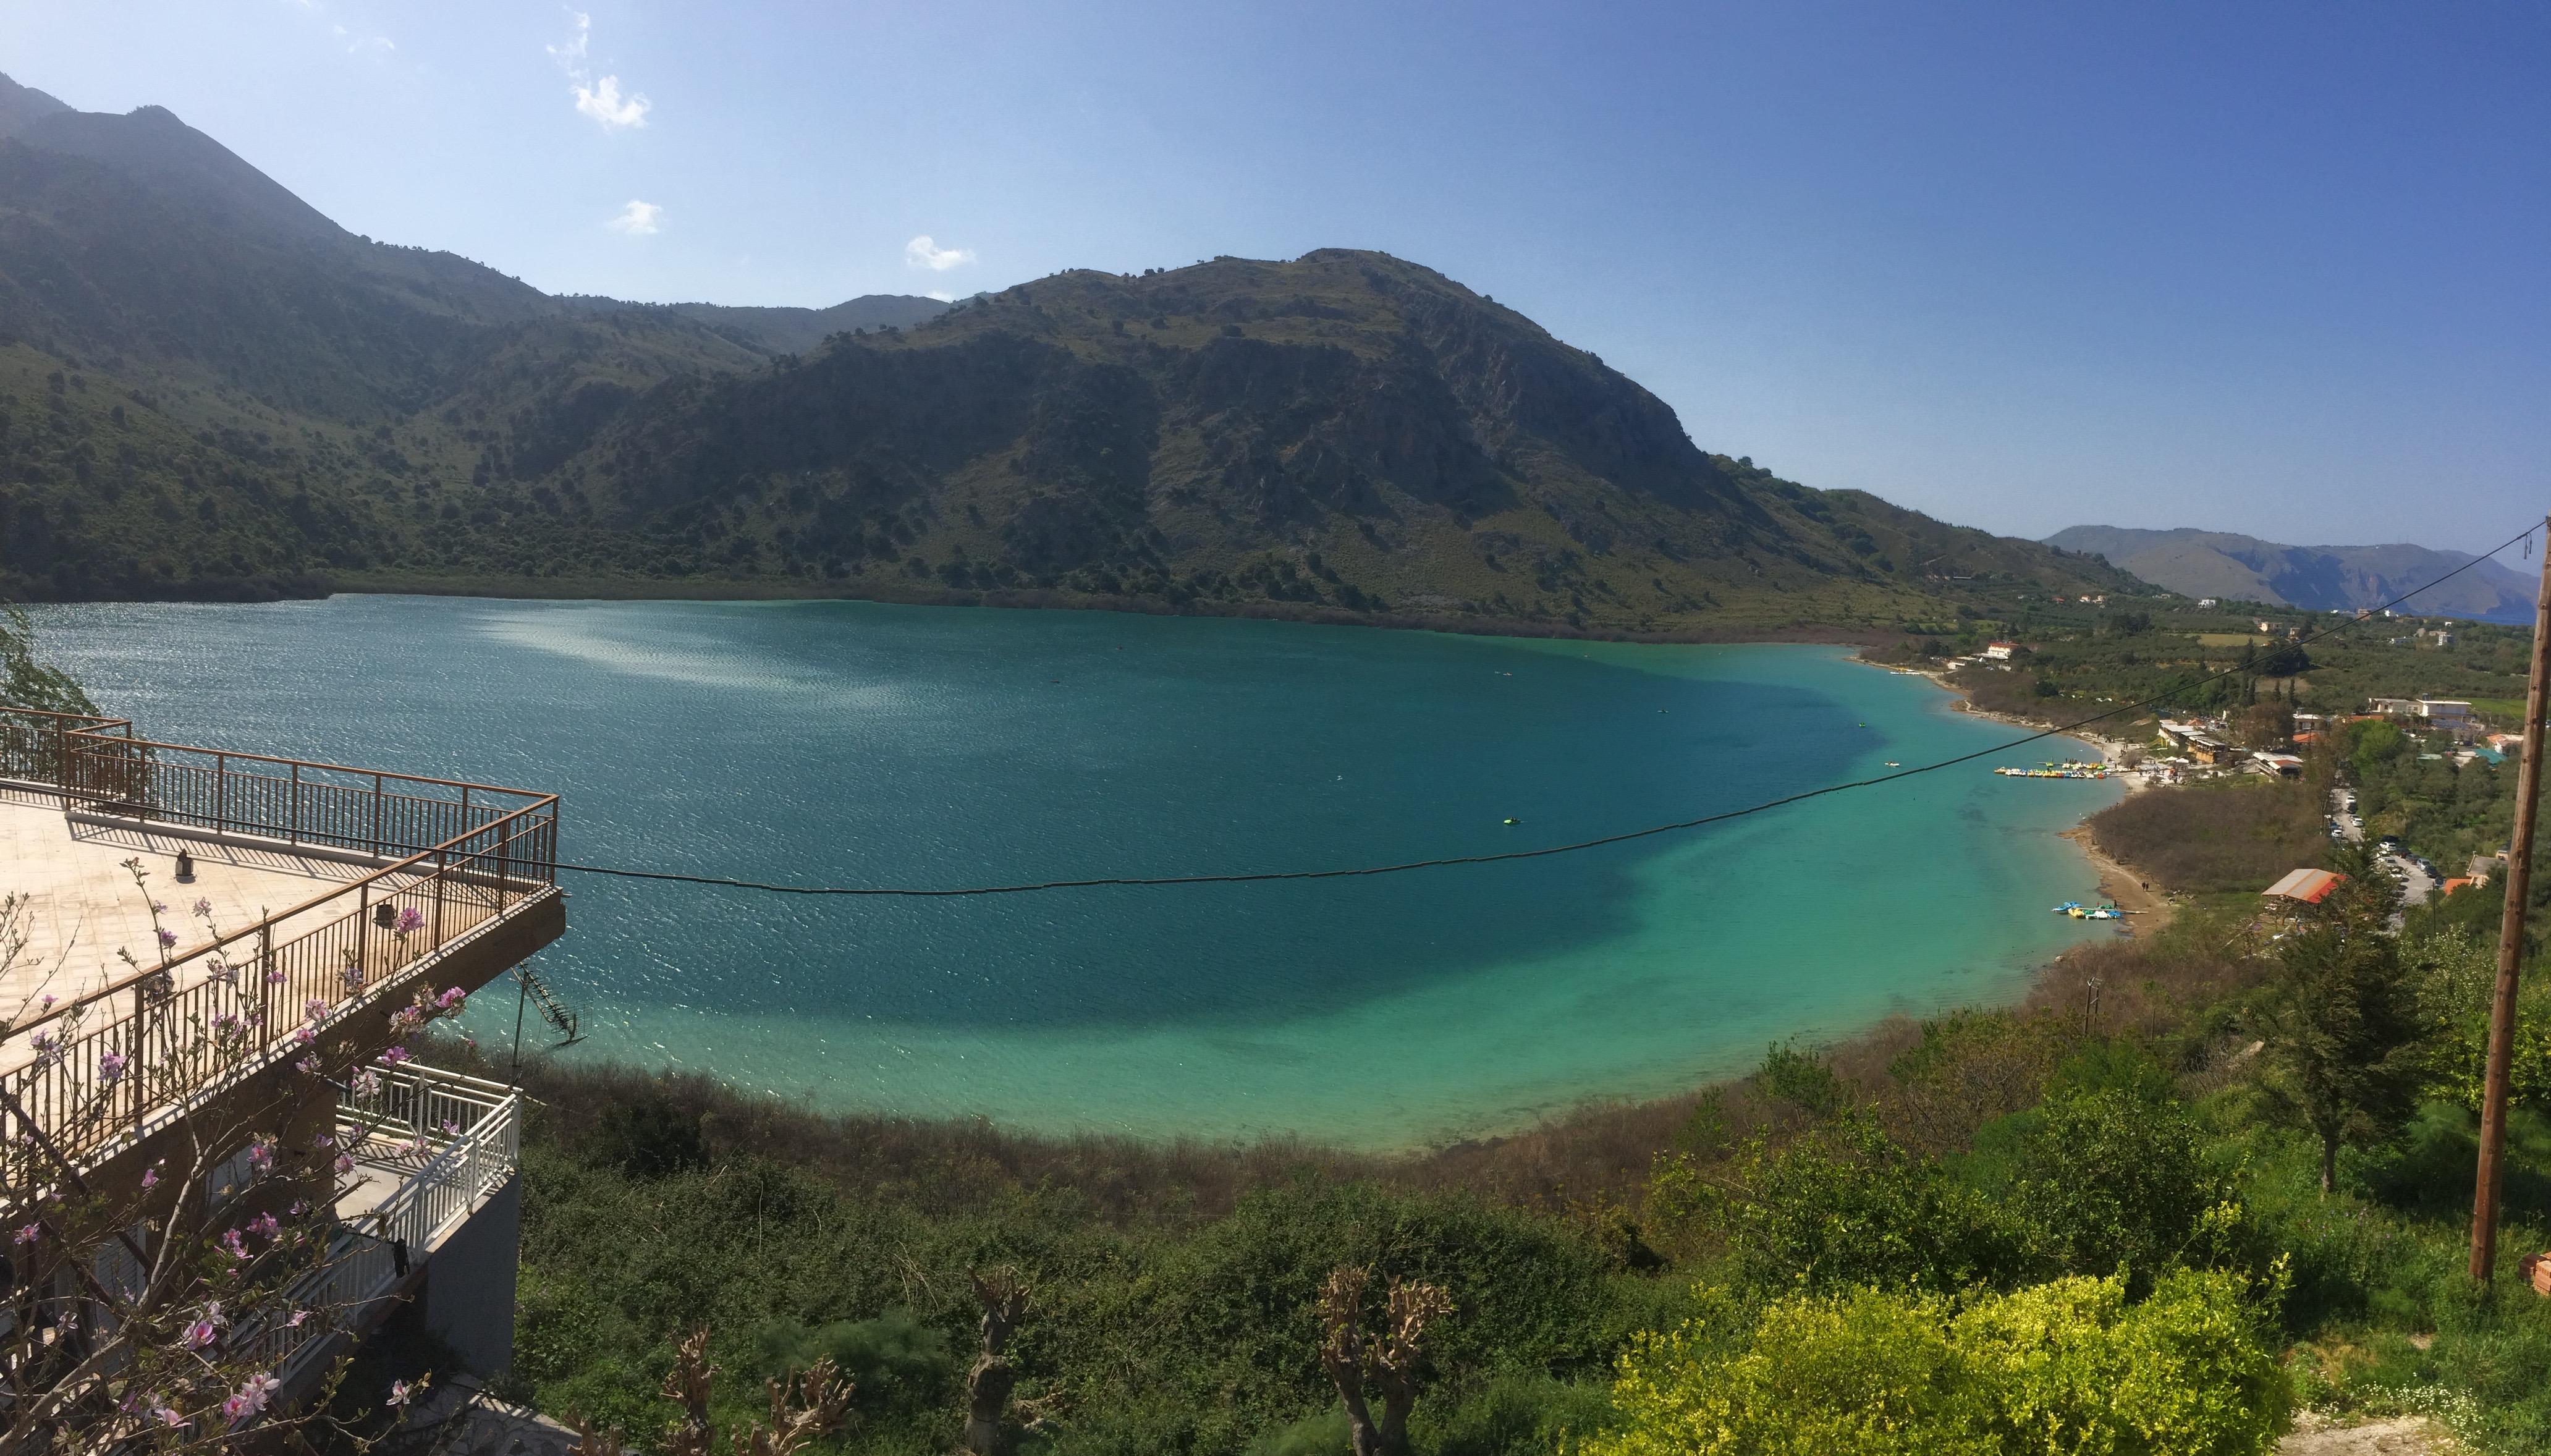 kournas lake crete anastasia ©